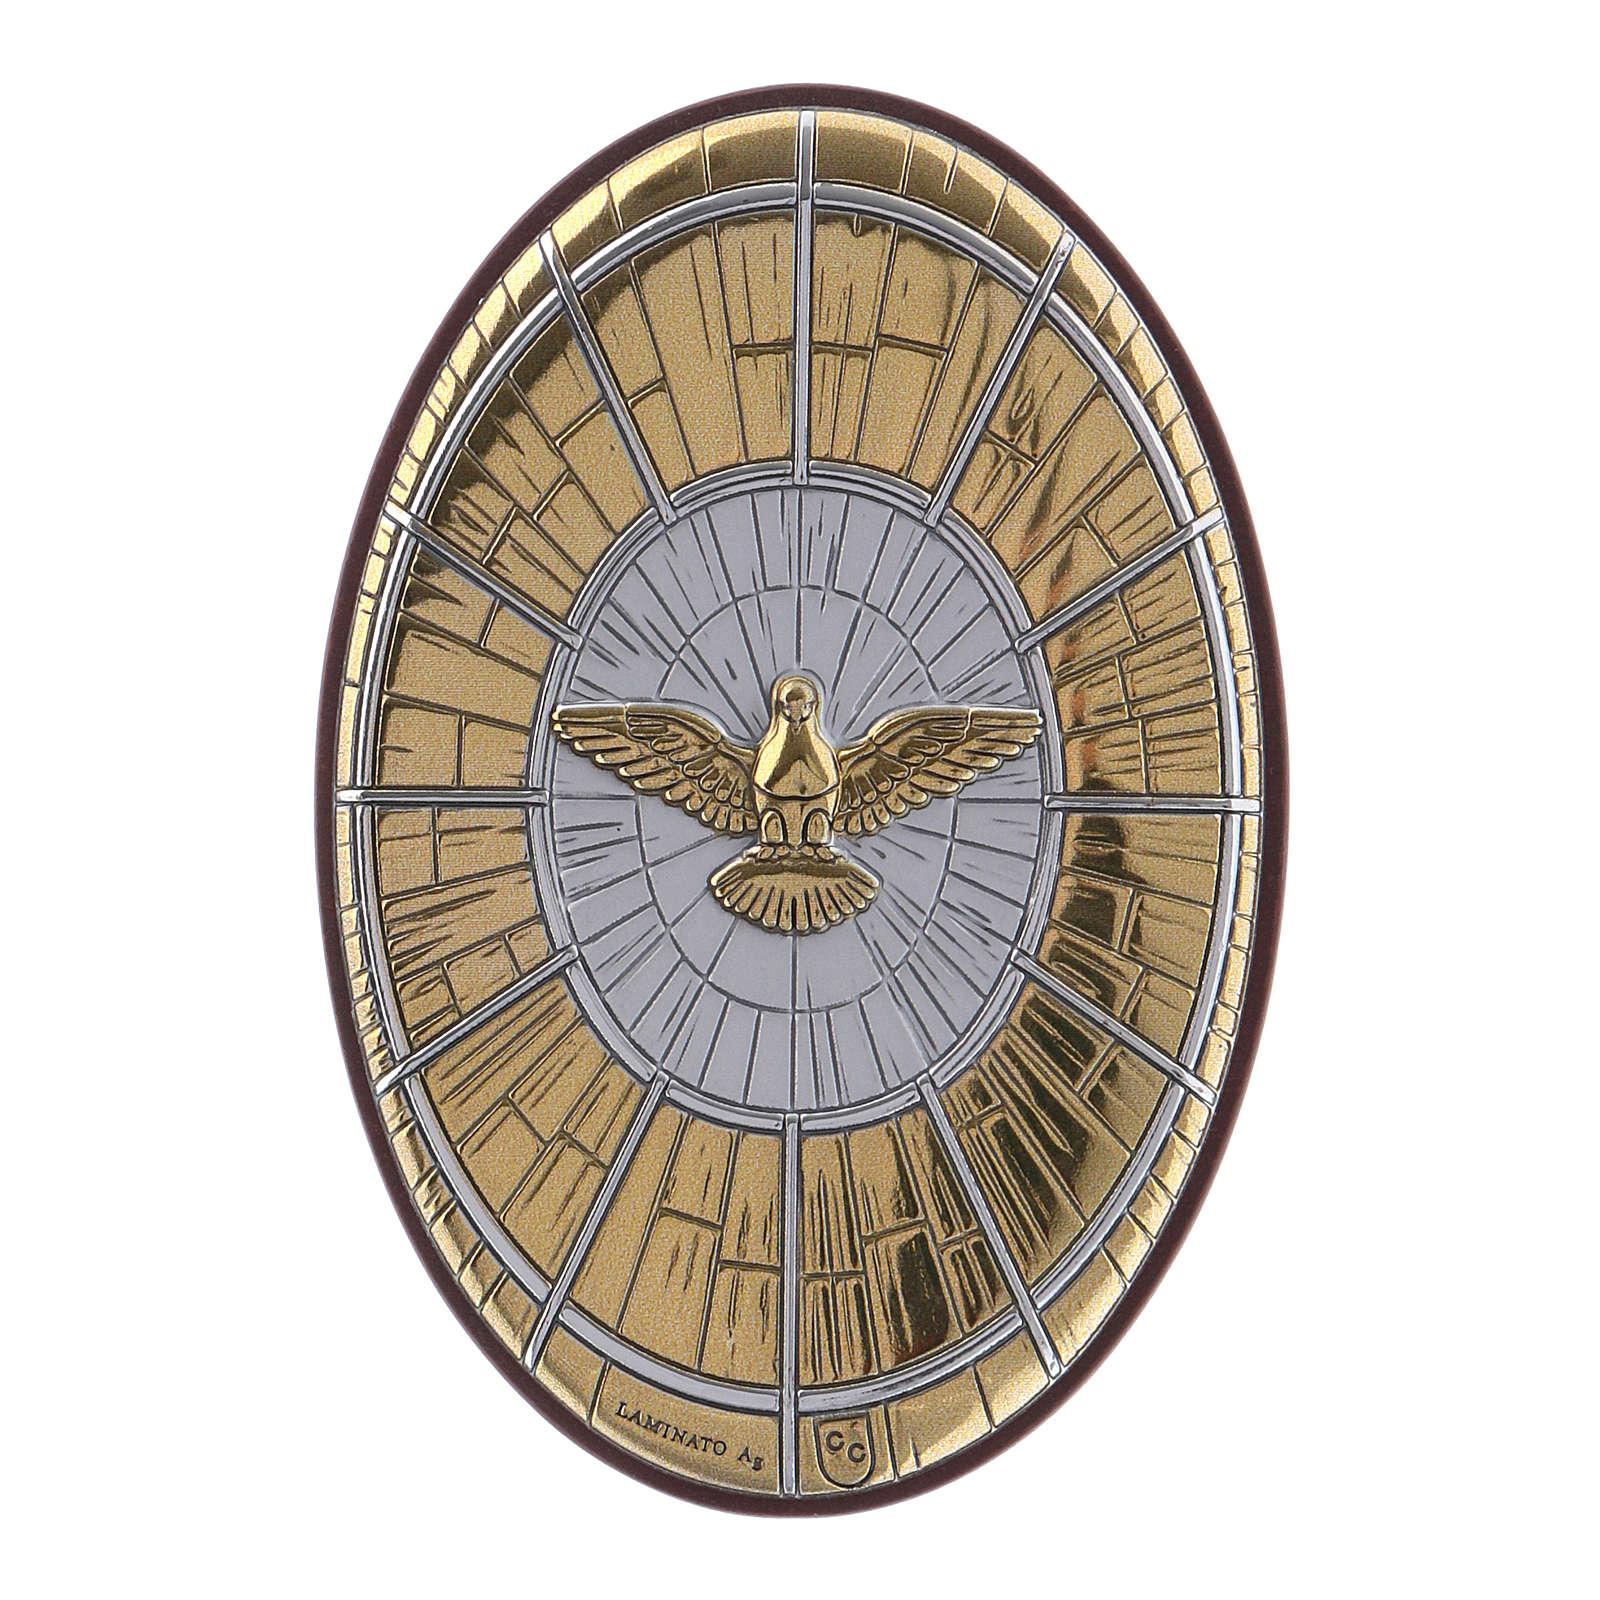 Cuadro Paloma oro de bilaminado y madera preciosa 7,2X4,8 cm 4